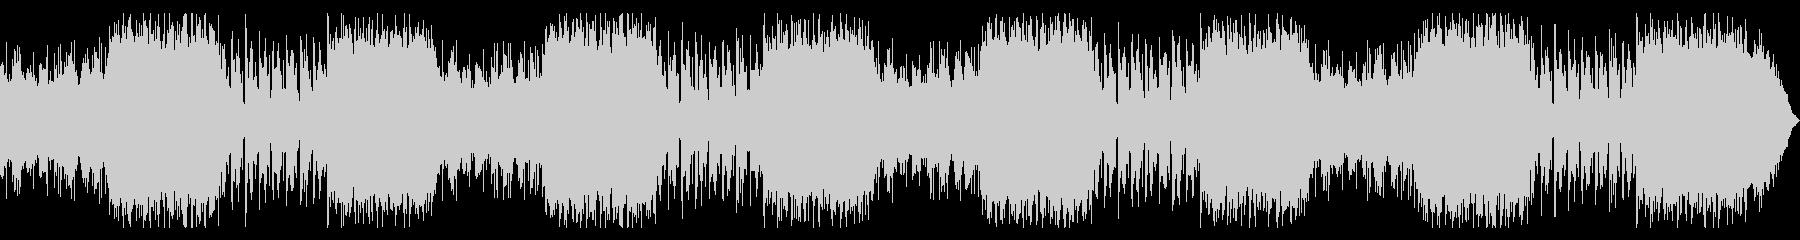 ゆったりとした美しいピアノテクスチャーの未再生の波形